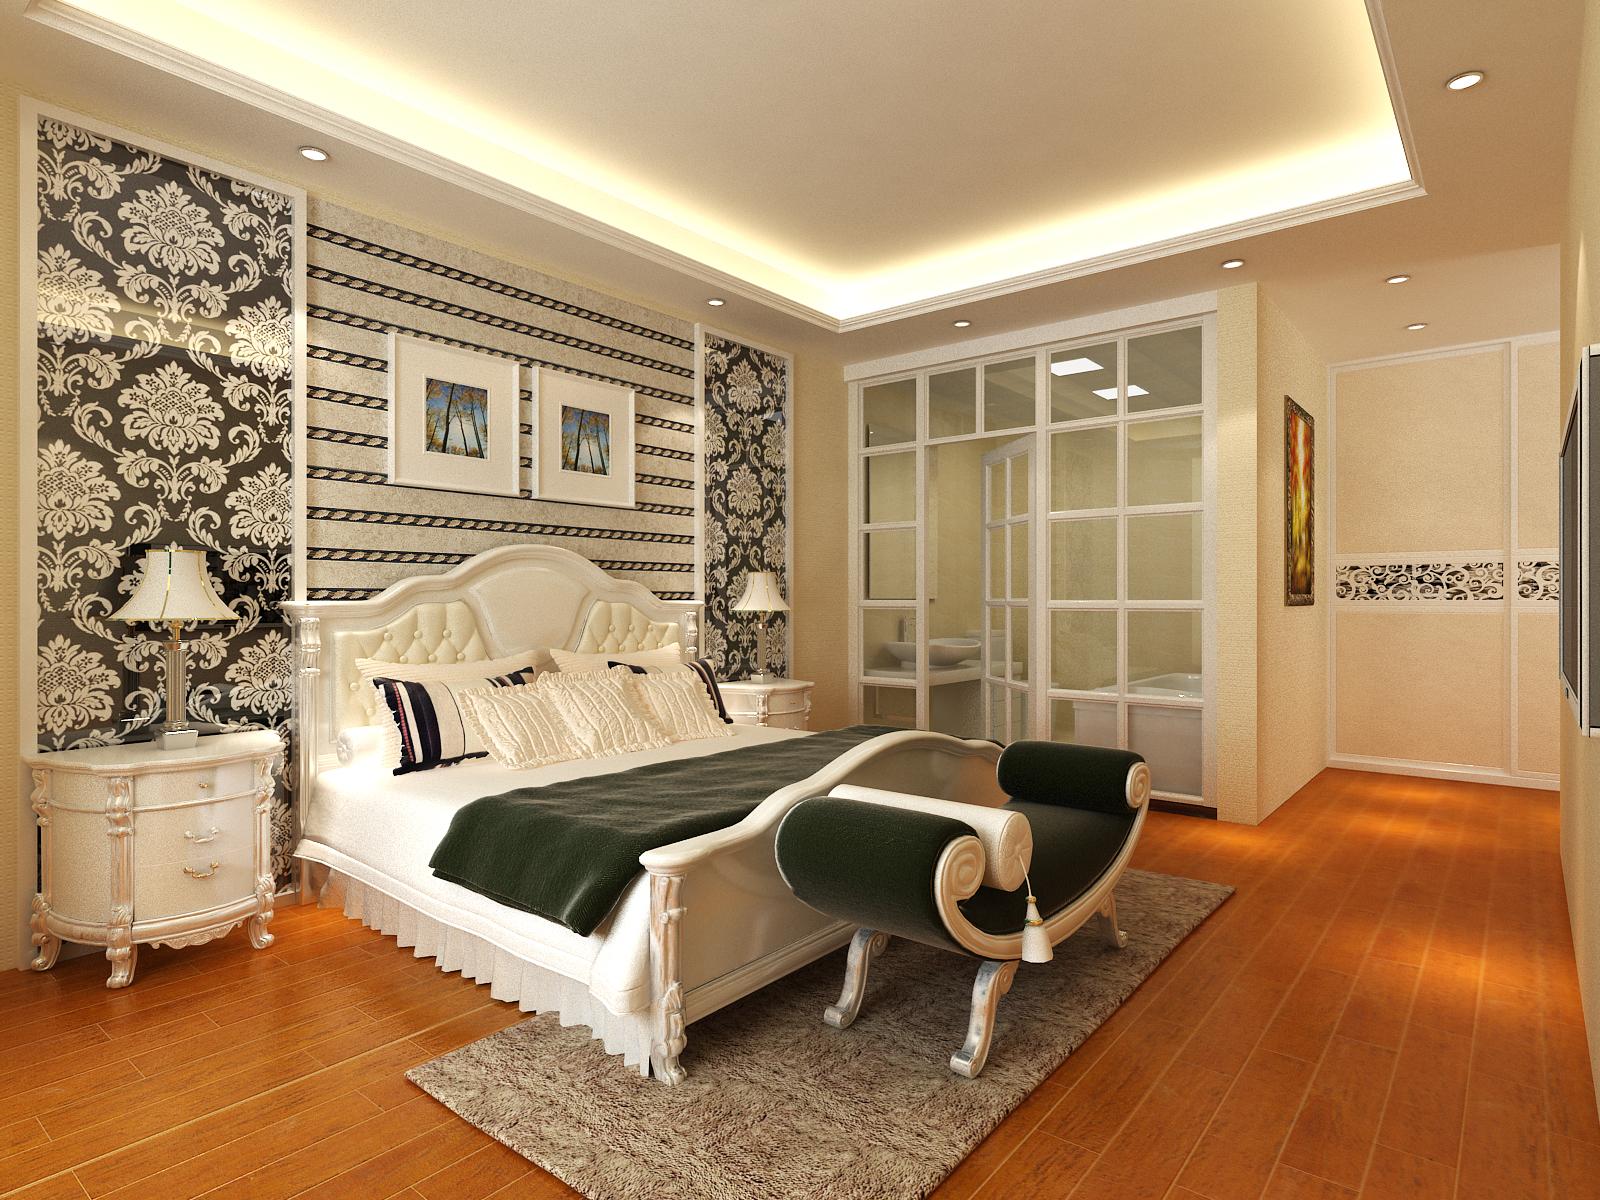 简约 卧室图片来自室内设计师--杨刚在千禧学府苑的分享